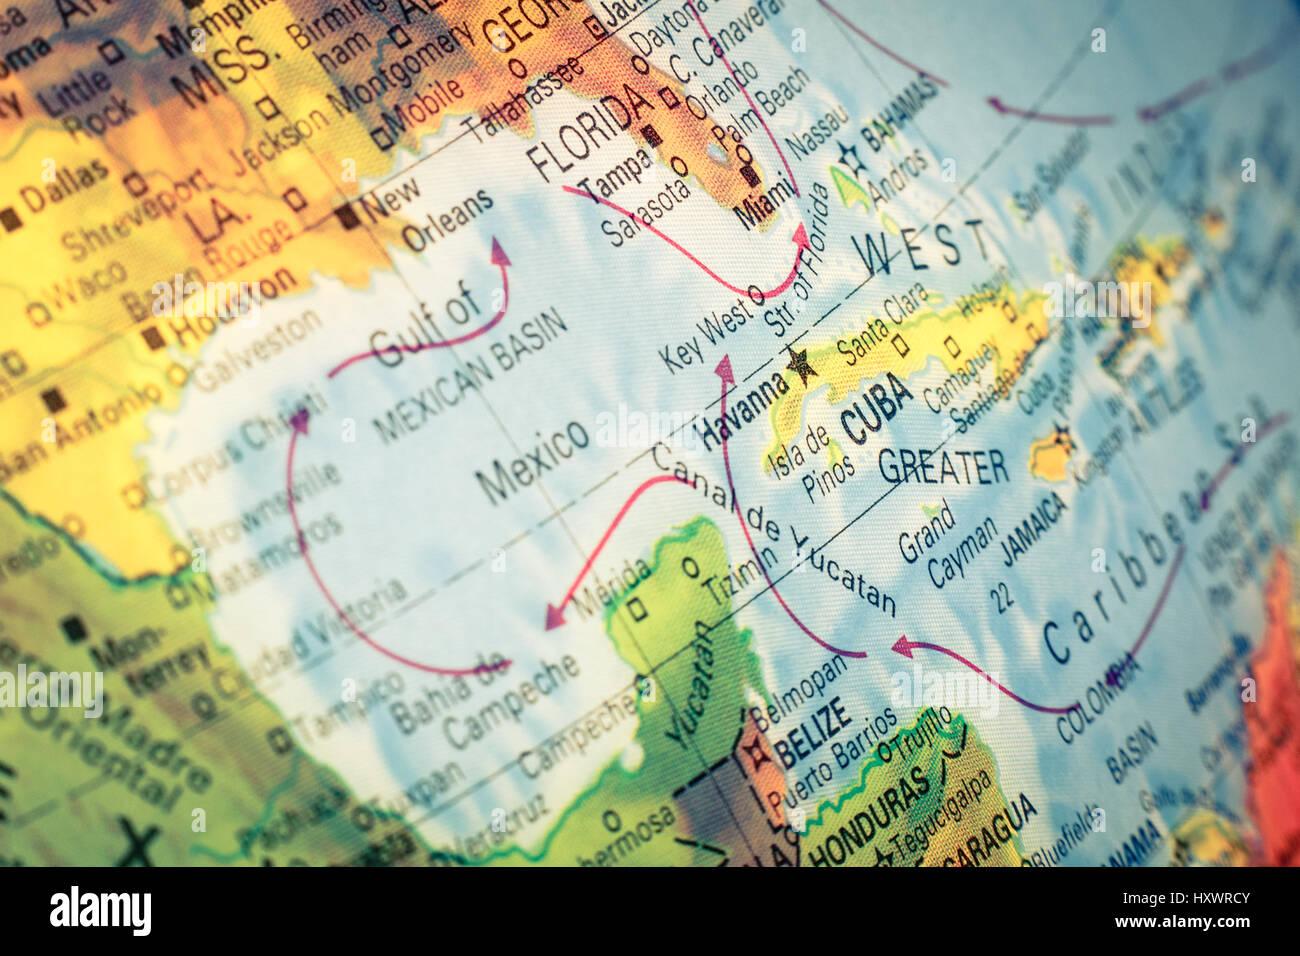 Cuba Florida Map.Map Of Cuba And Florida Stock Photos Map Of Cuba And Florida Stock